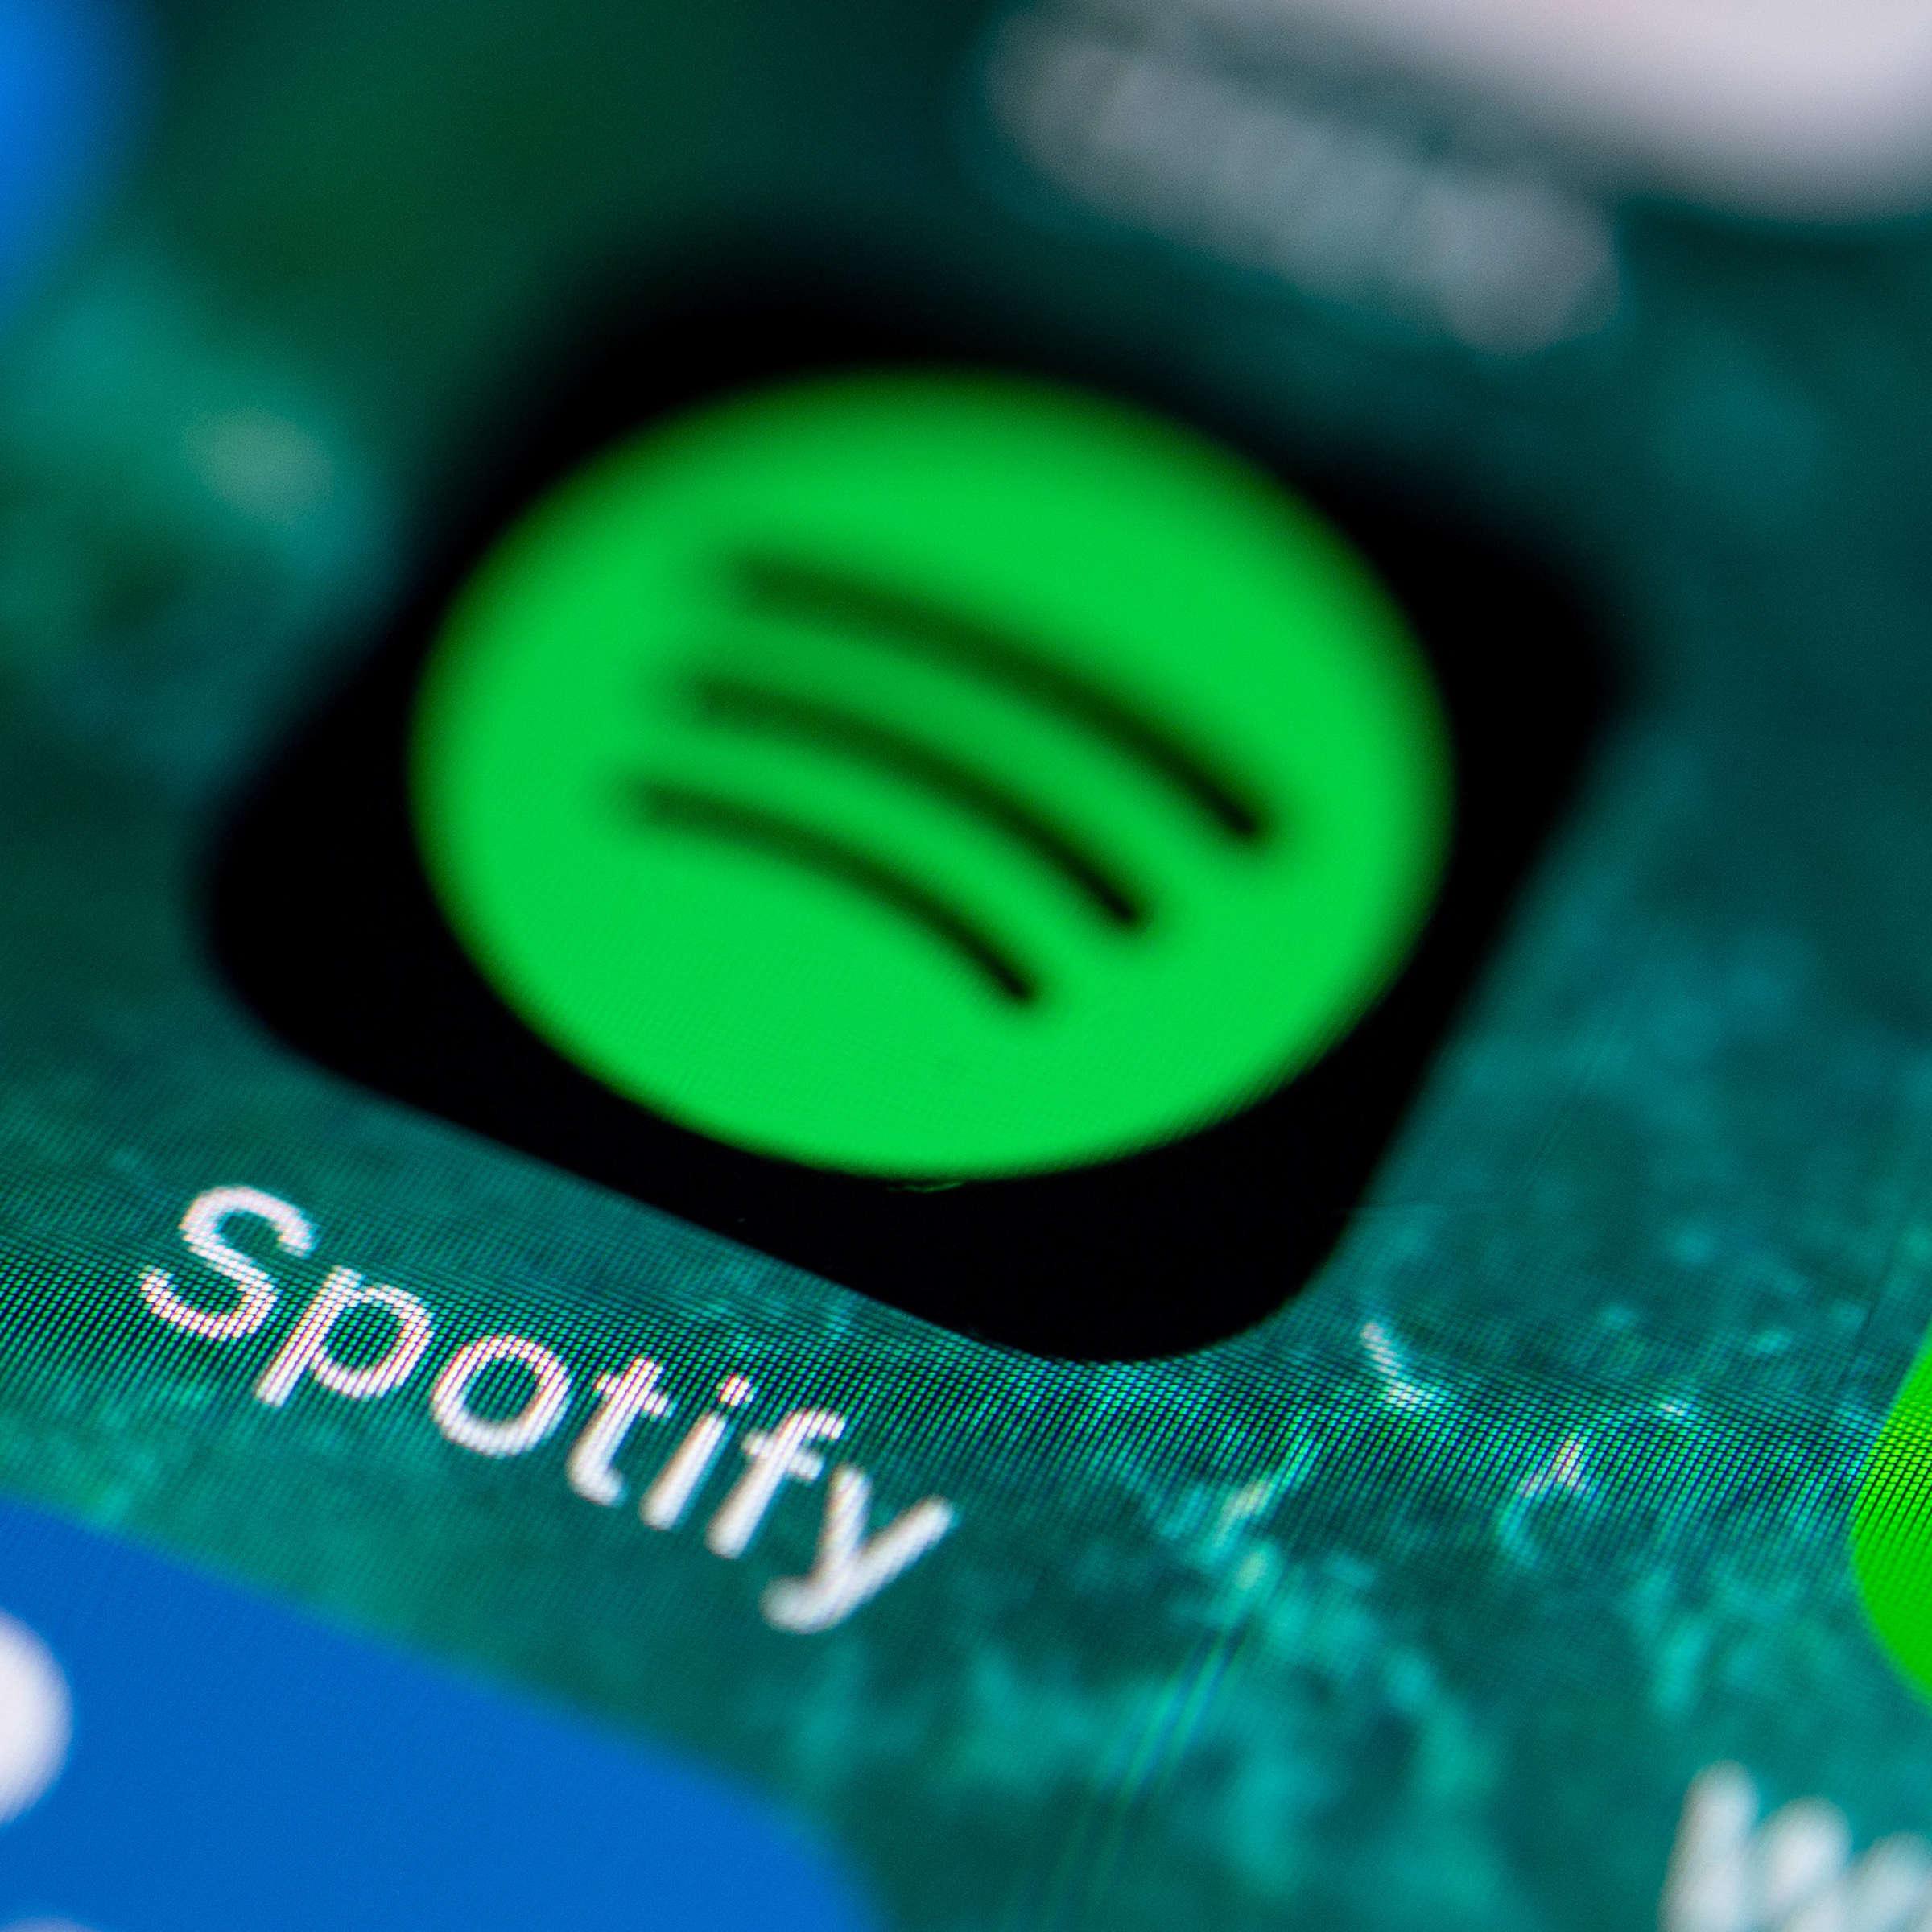 Spotify Storung App Lasst Sich Nicht Offnen So Konnen Sie Trotzdem Musik Horen Verbraucher